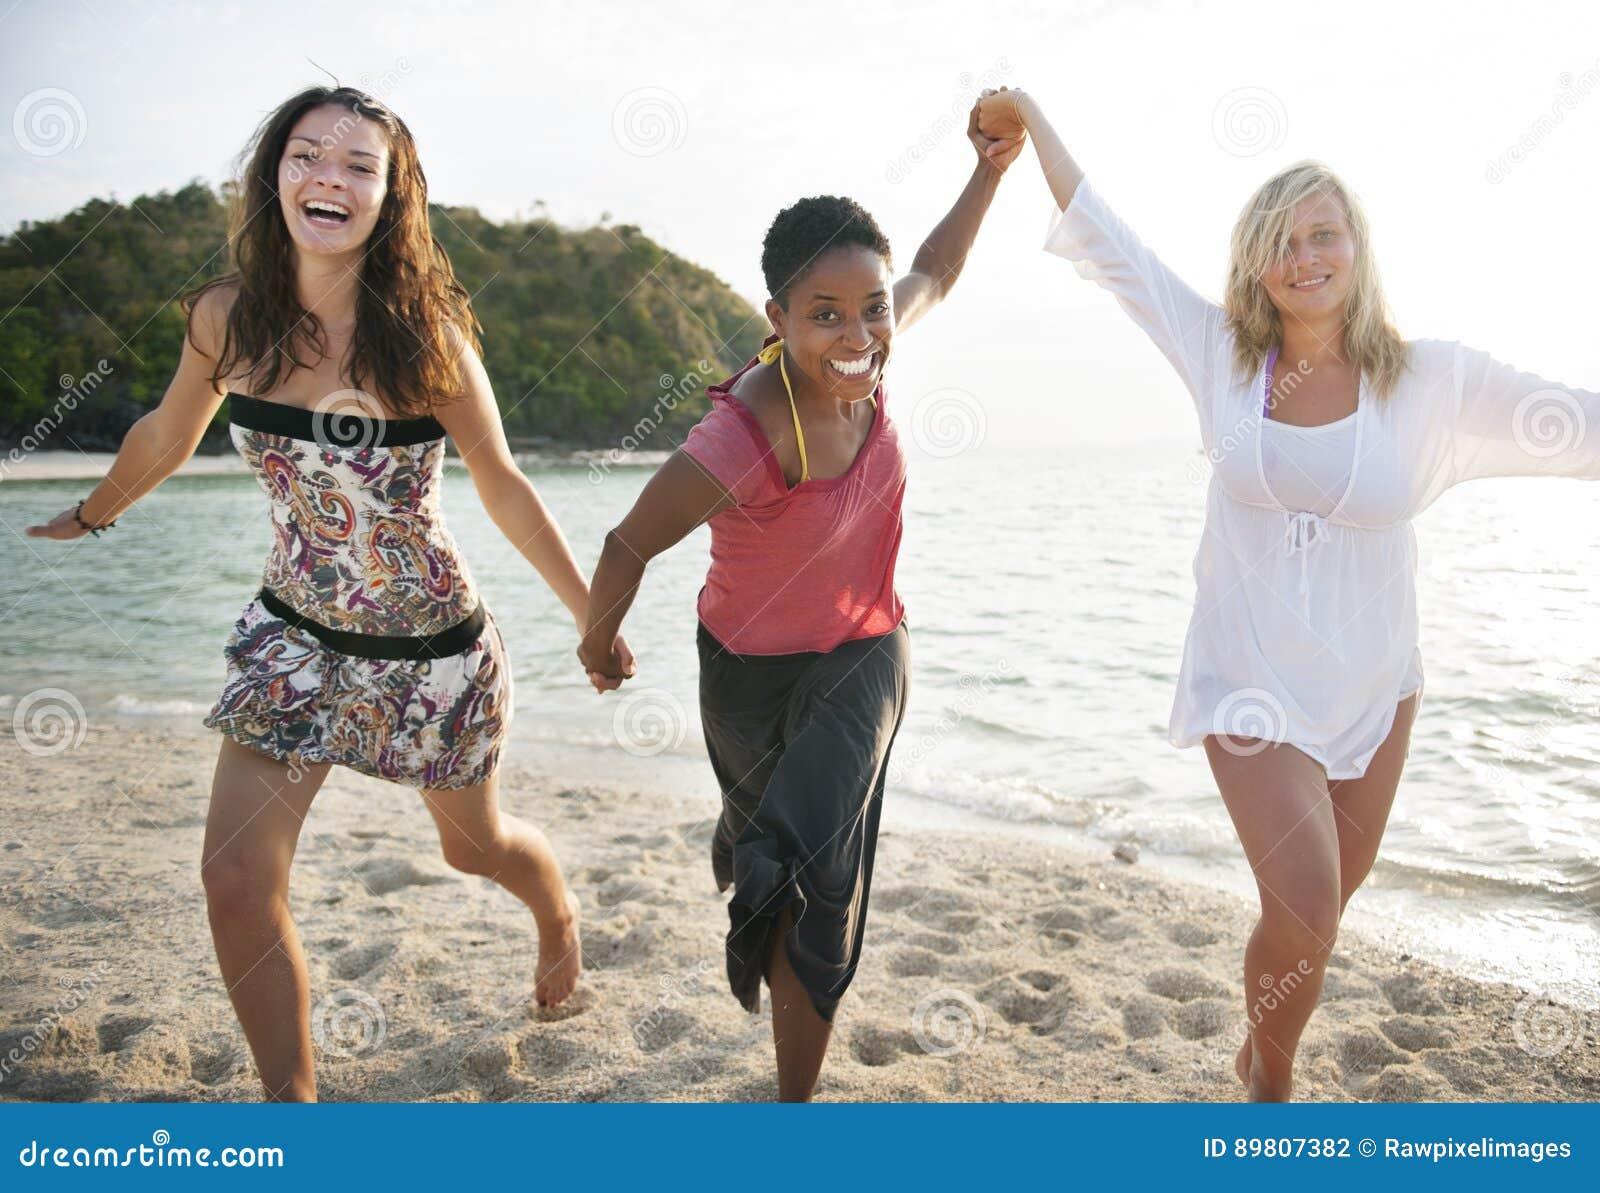 Dziewczyn kobiet zabawy przyjemności czasu wolnego Plażowy pojęcie